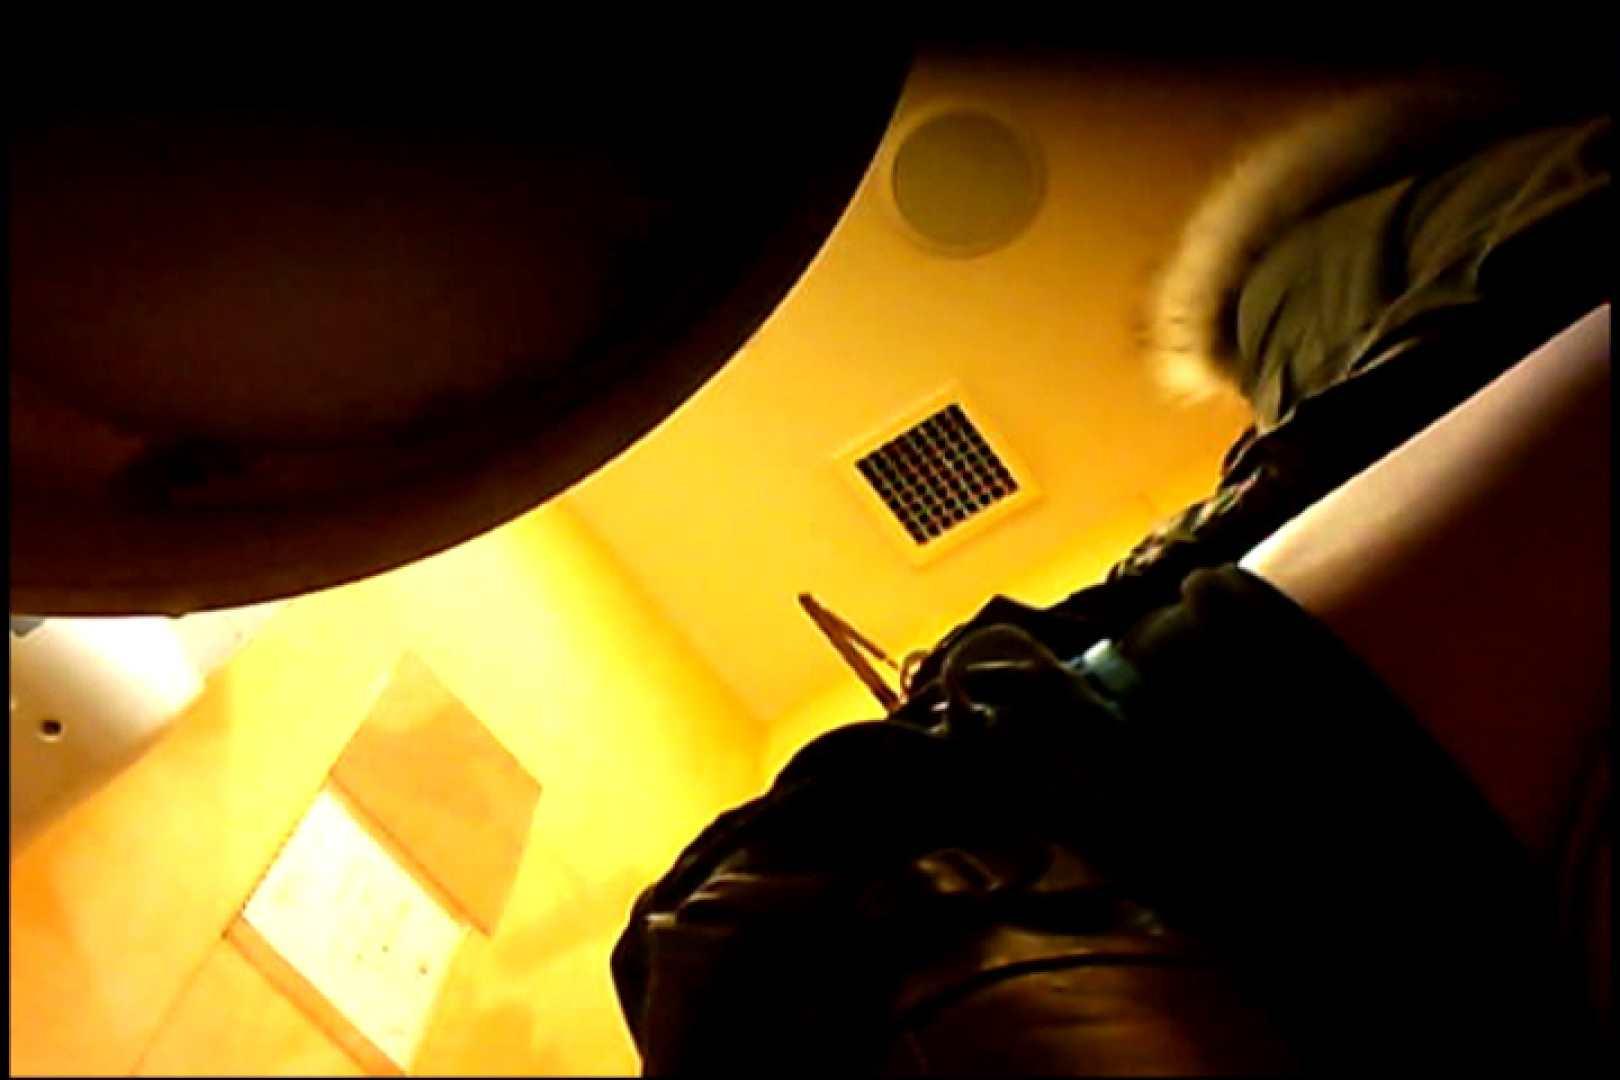 マダムが集まるデパートお手洗い Vol.10 お手洗いのぞき アダルト動画キャプチャ 101画像 9